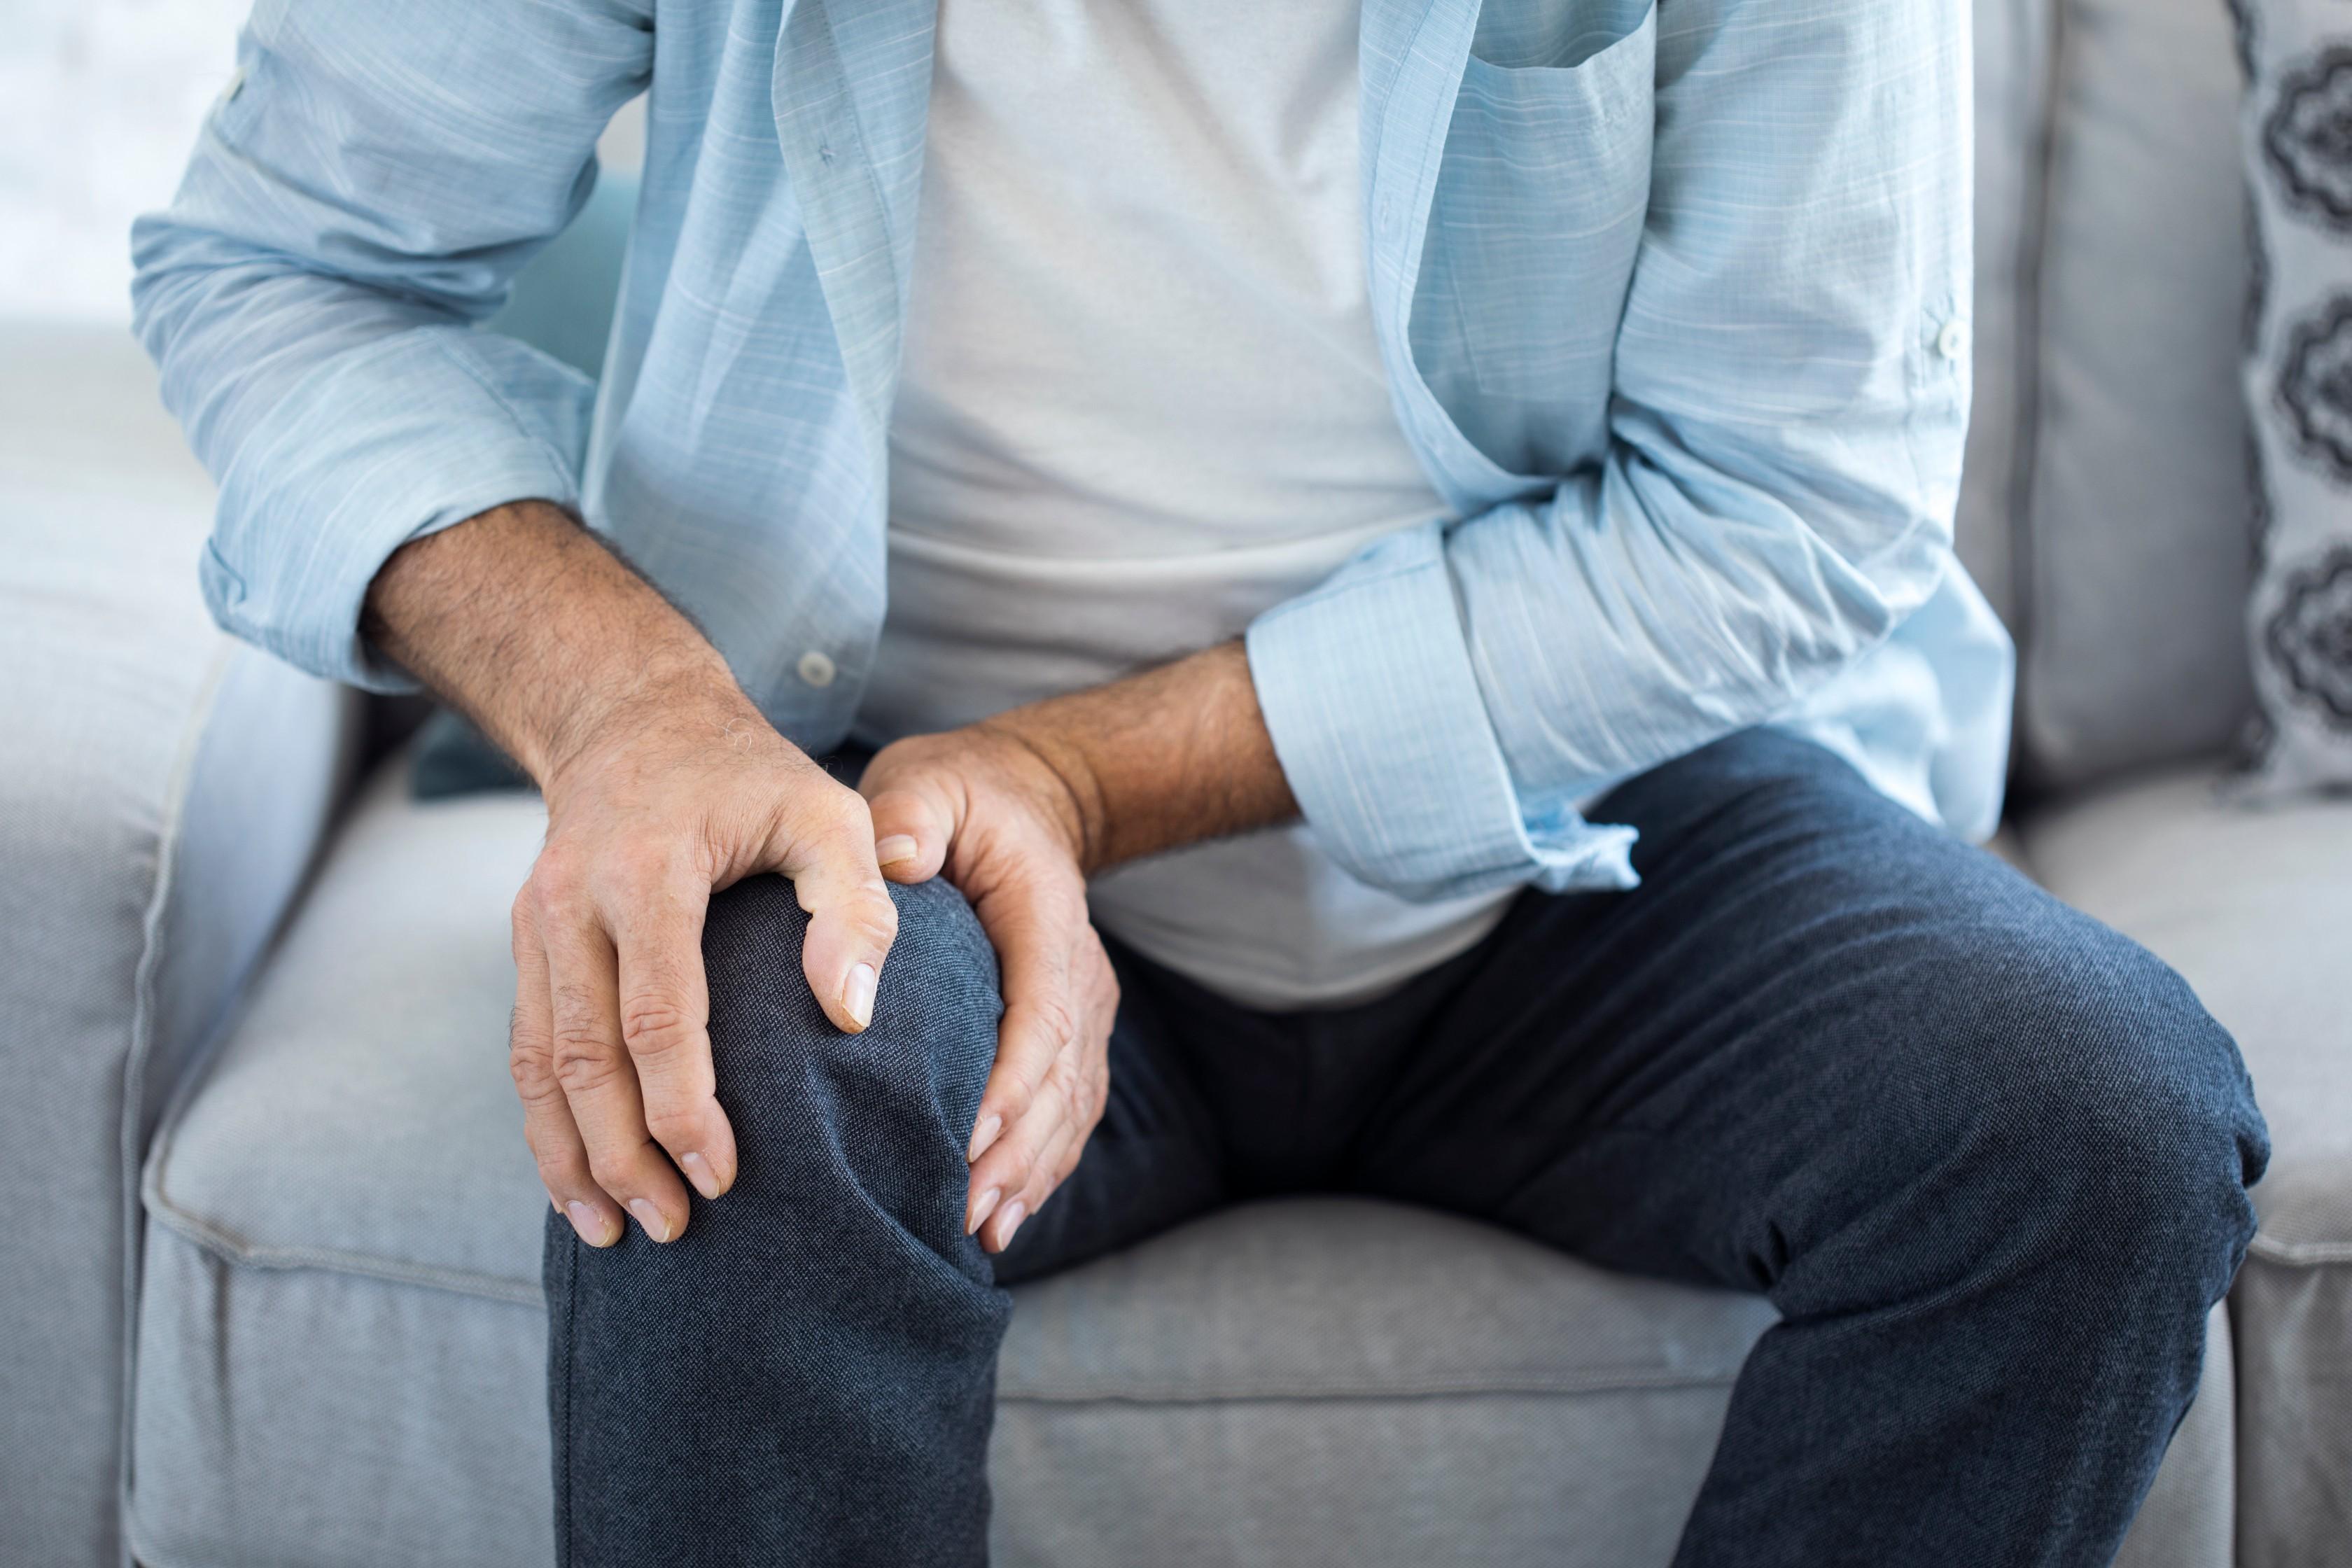 hogyan gyógyítható az ízületek súlyos fájdalma